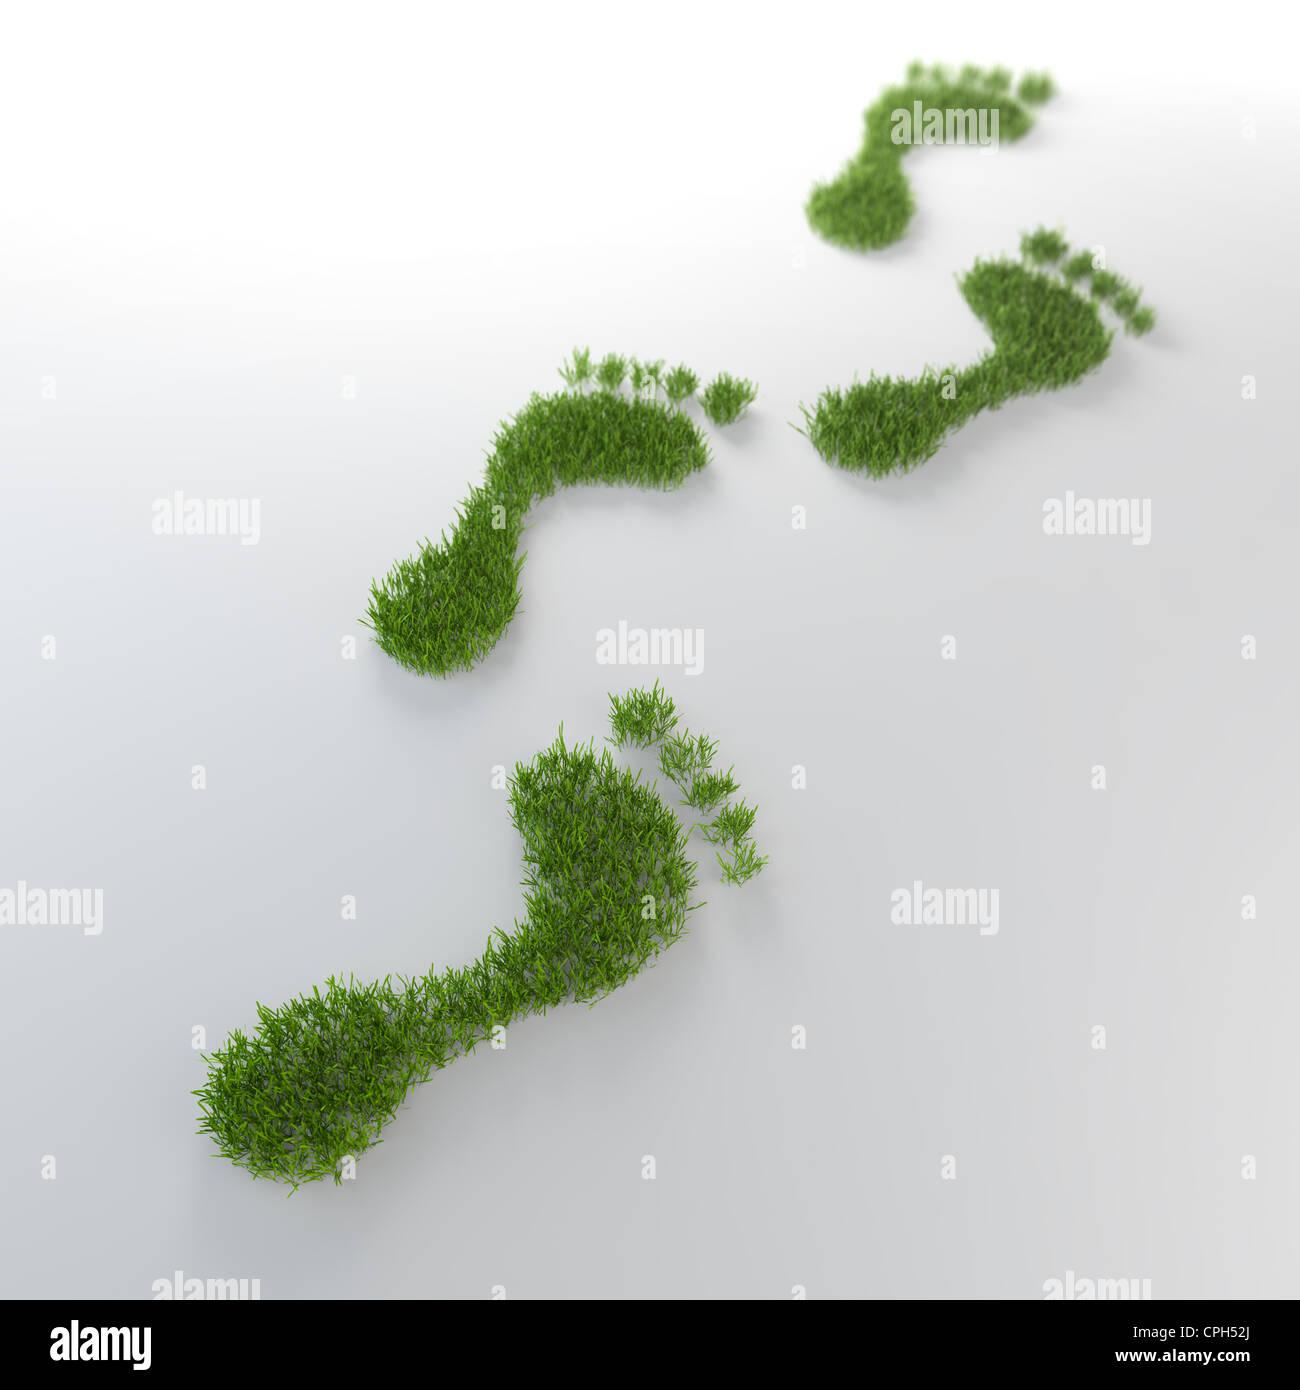 Hierba environmentla footrpints - Concepto de huella Imagen De Stock